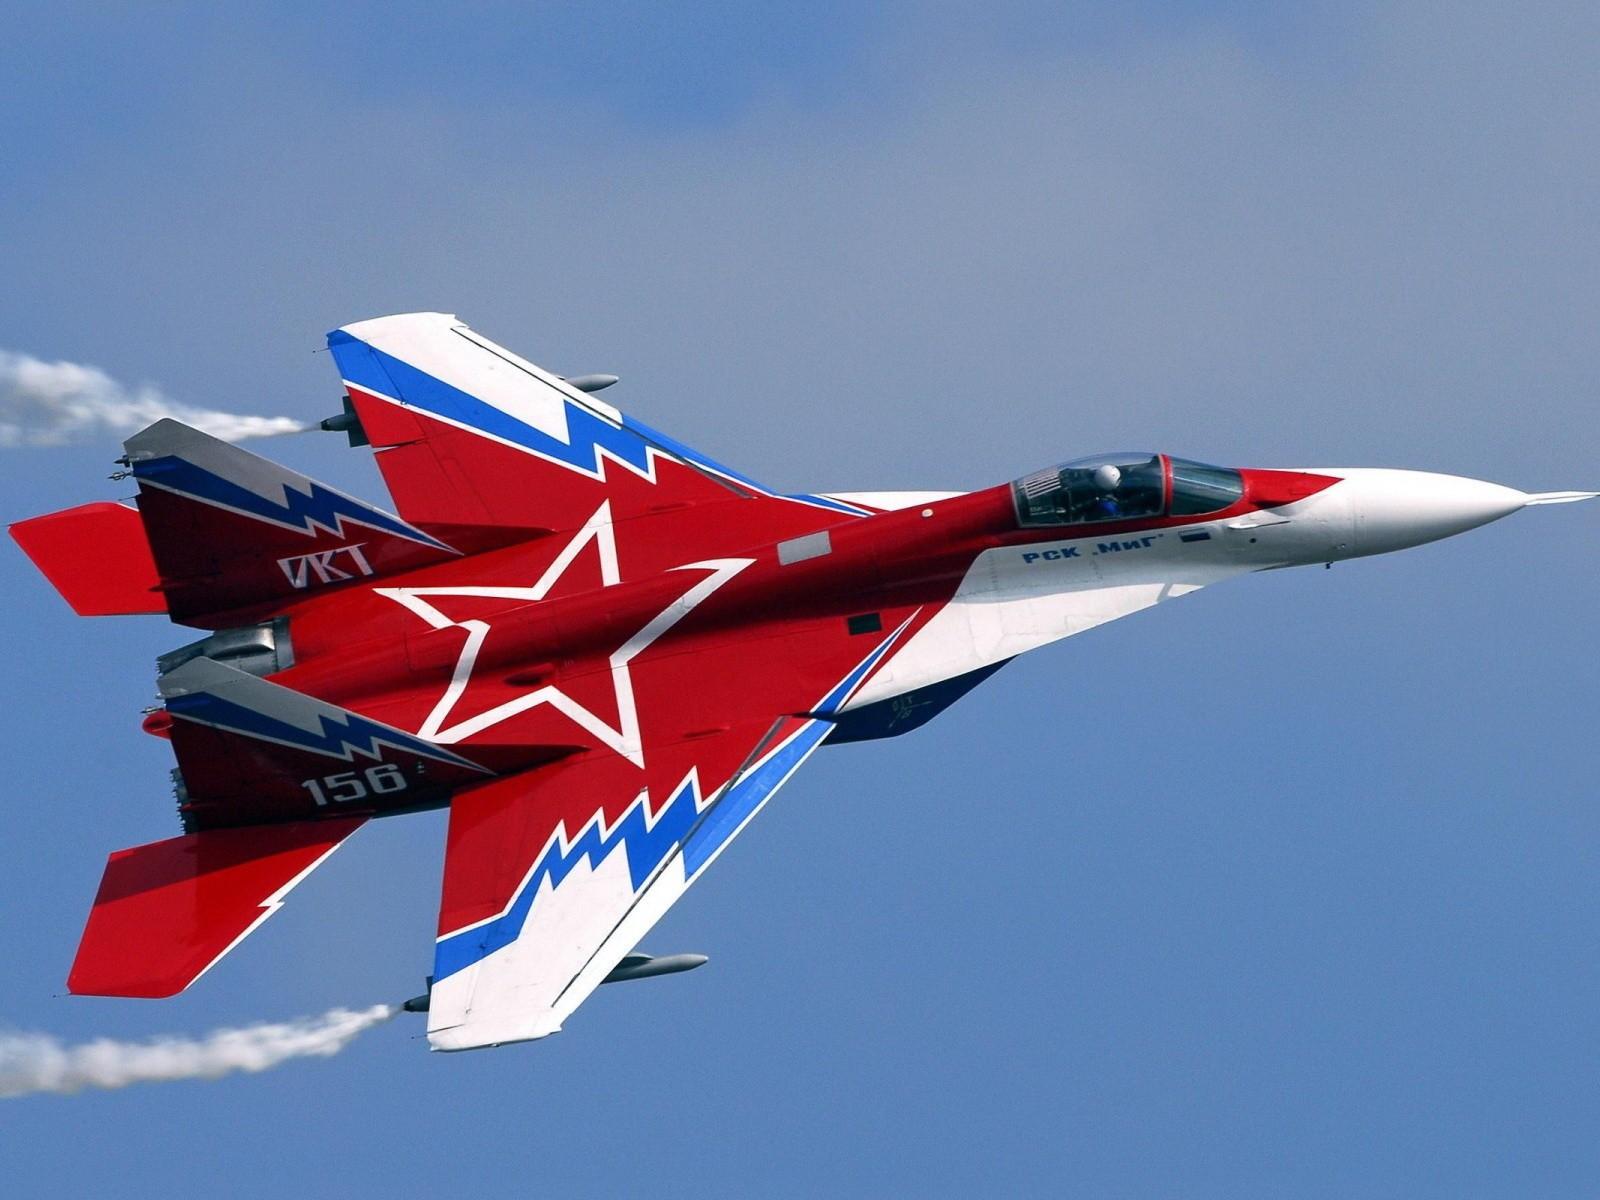 Обои для рабочего стола русские самолеты